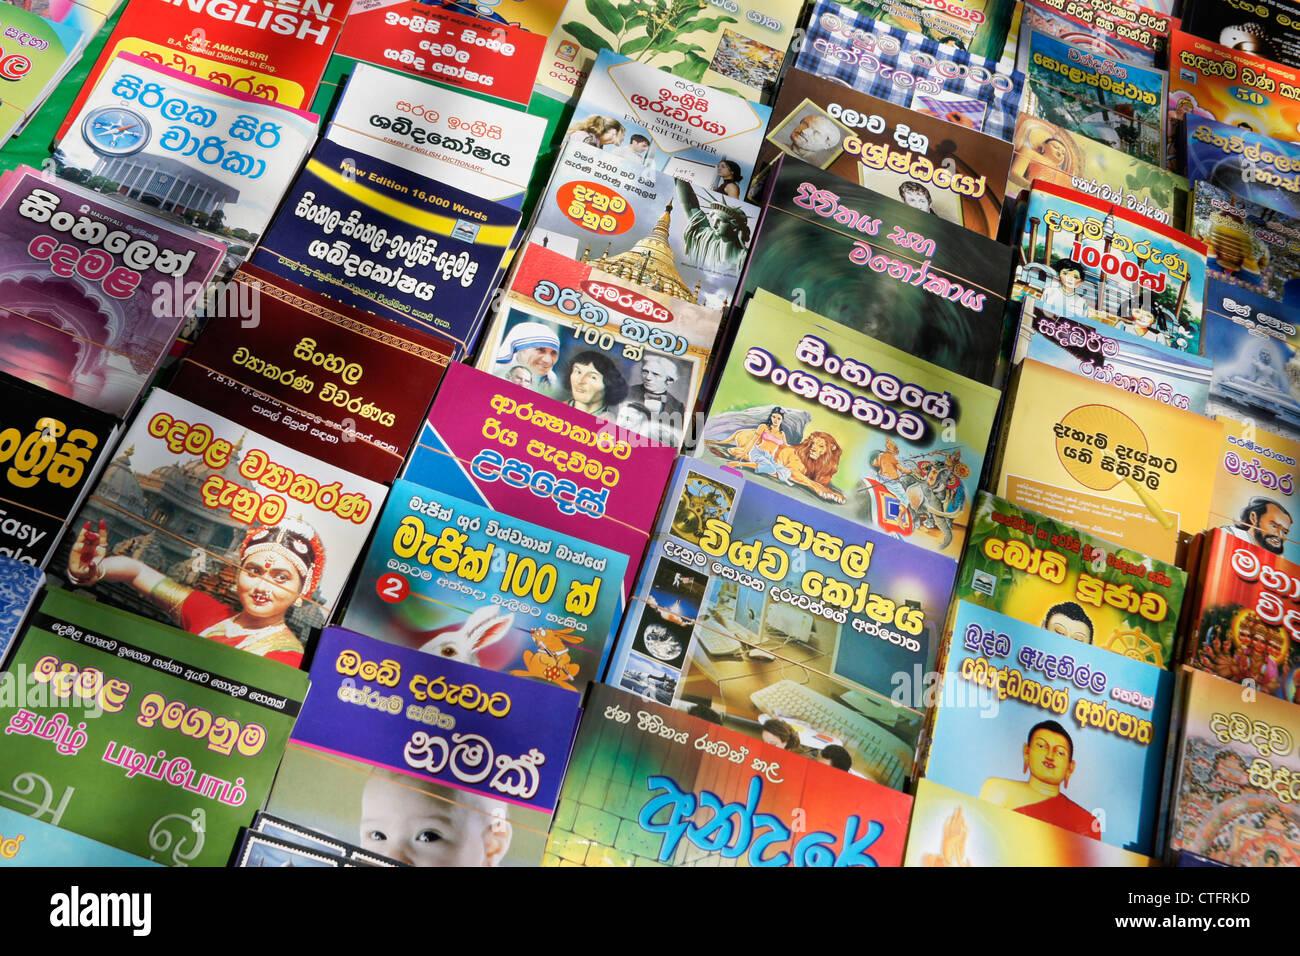 Books for sale in Sri Lanka Stock Photo: 49520337 - Alamy